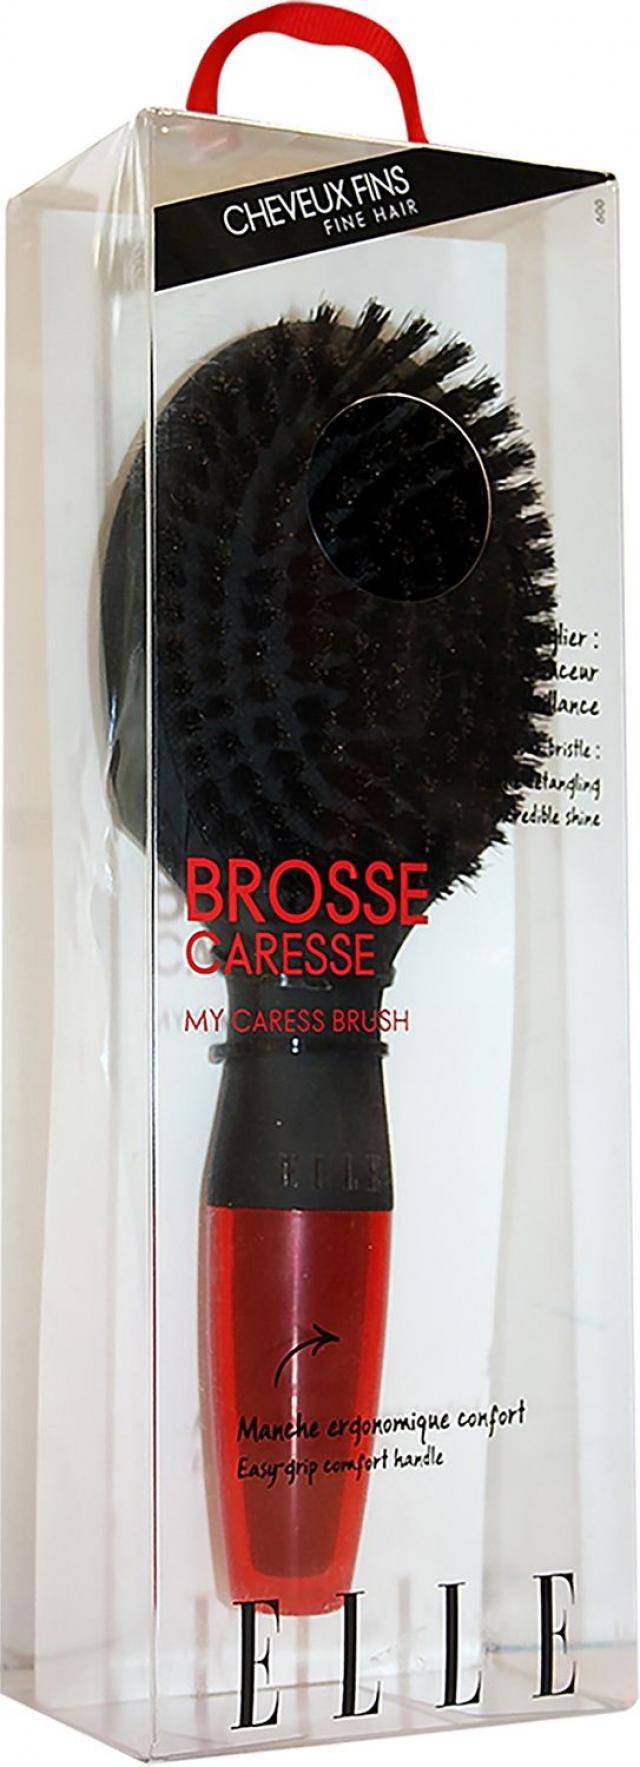 Элль щетка для волос универс. 3040690576055 купить в Москве по цене от 0 рублей